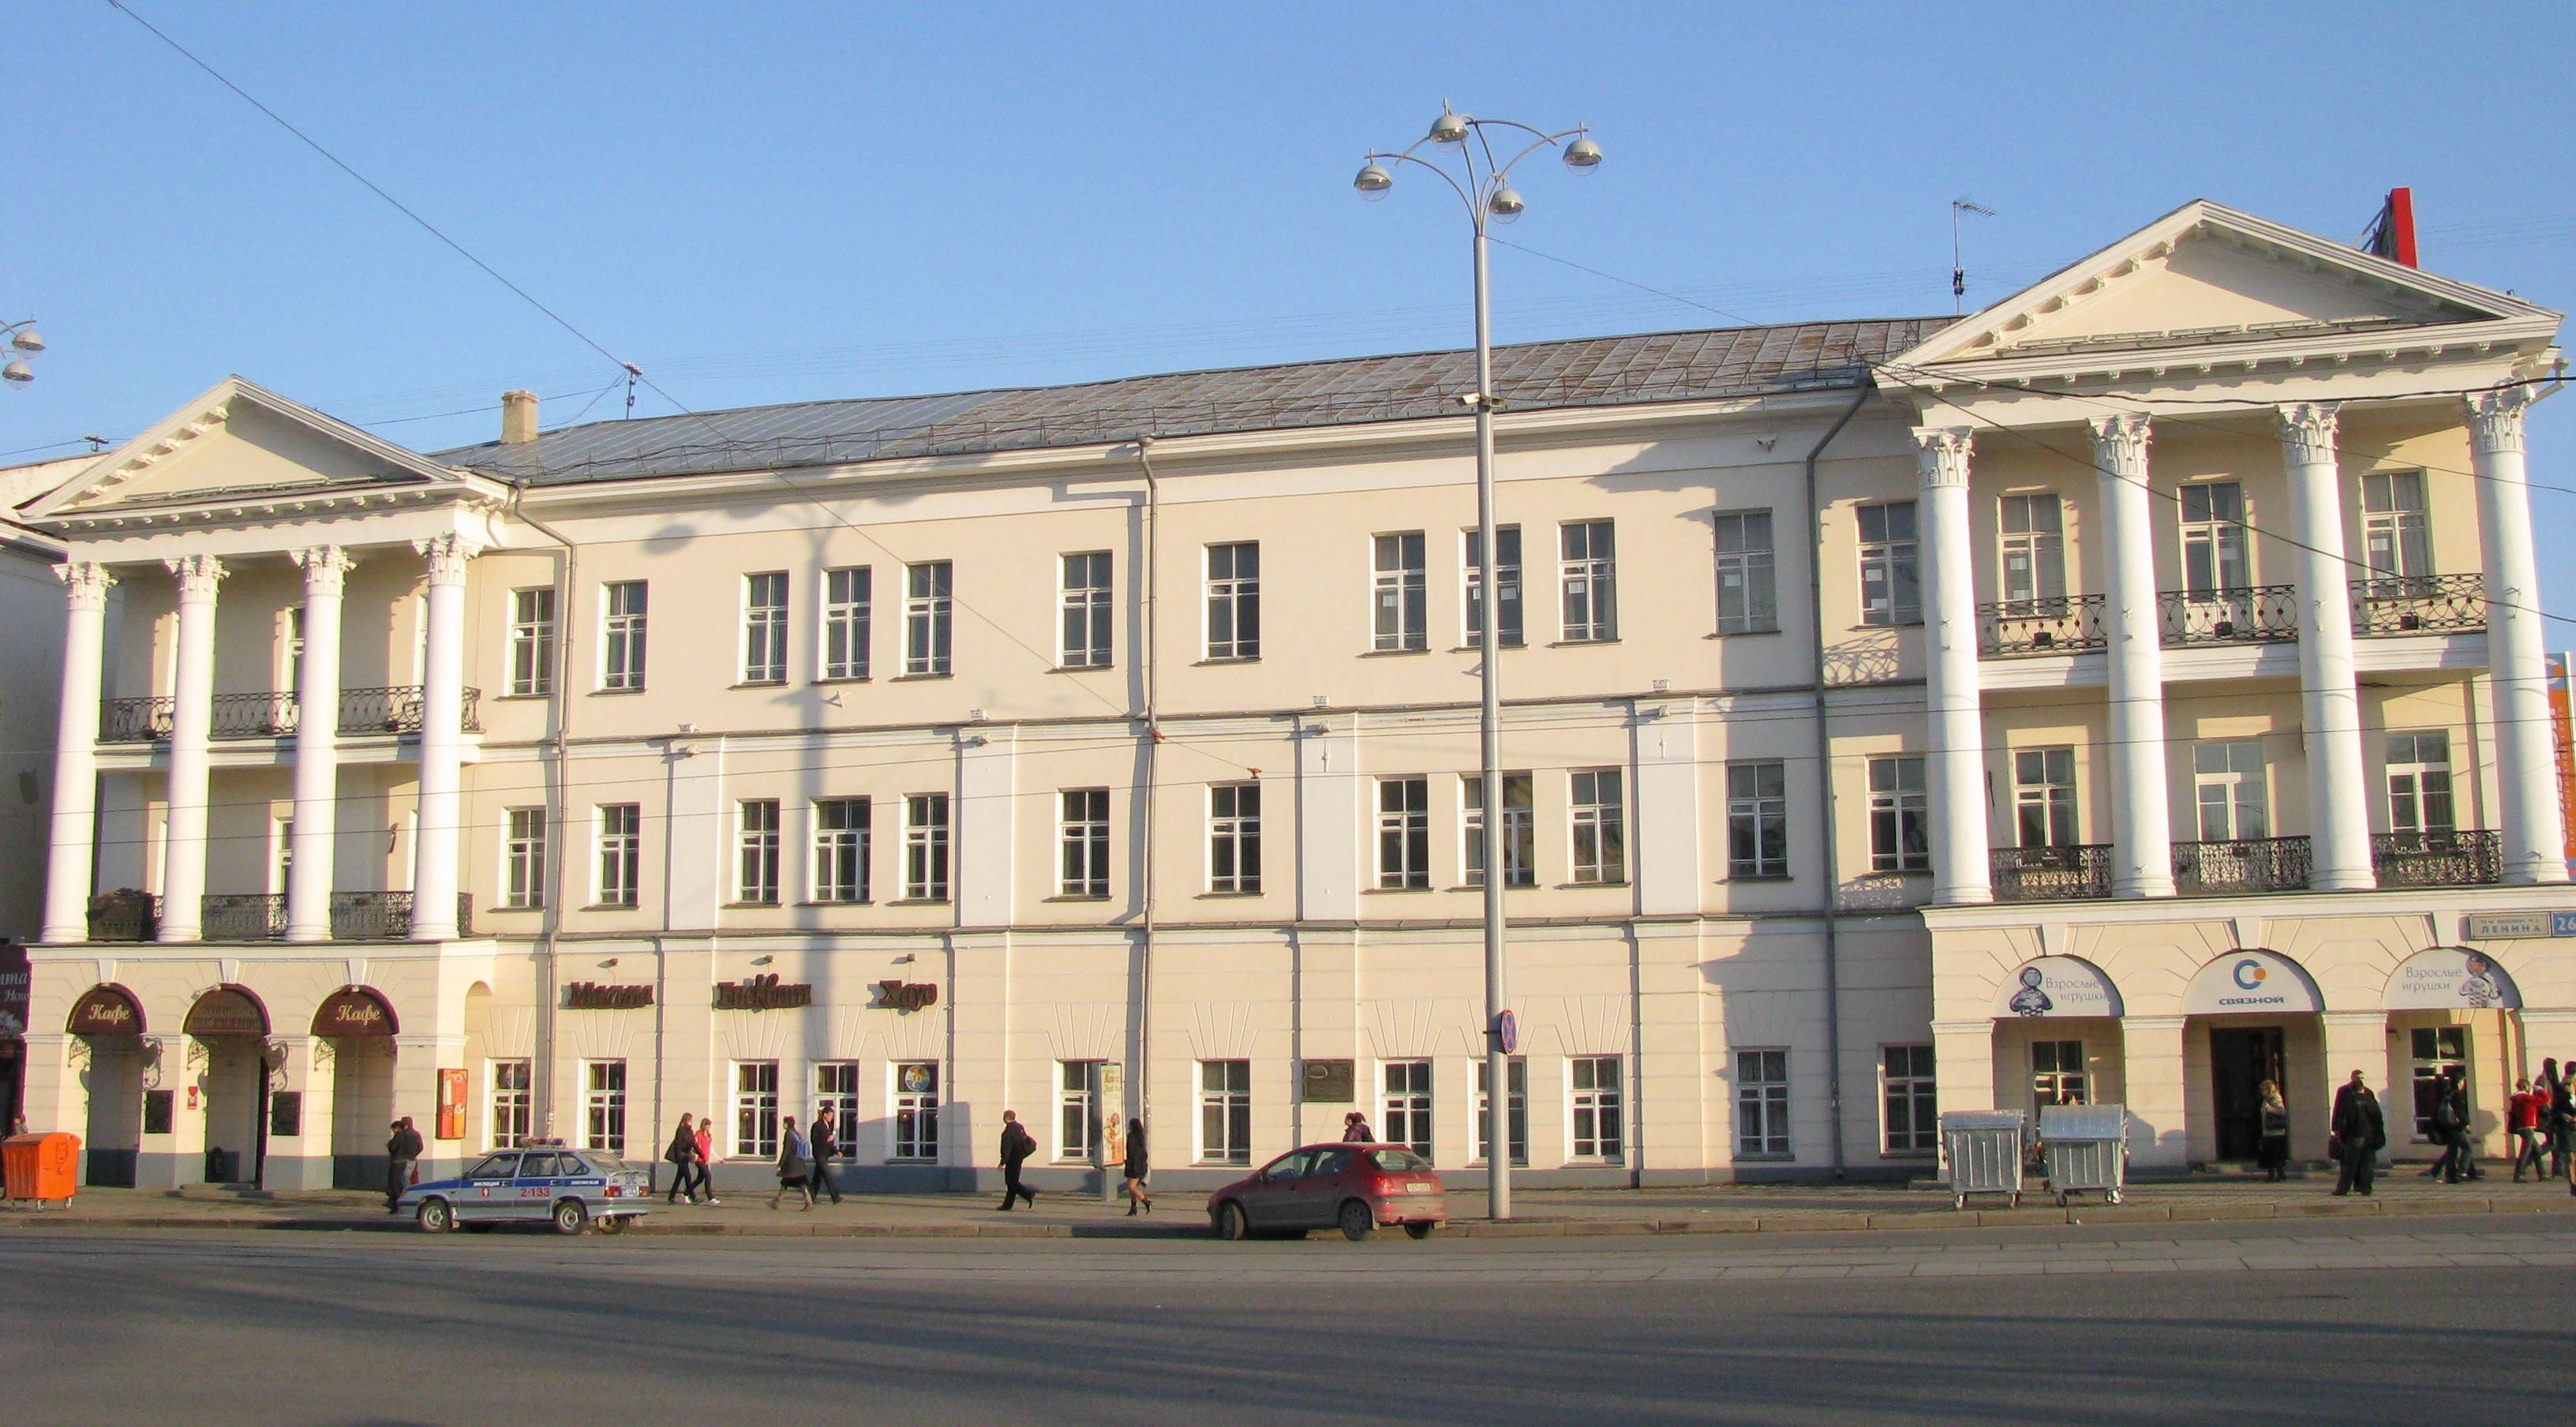 Уральская государственная консерватория им. М.П. Мусоргского